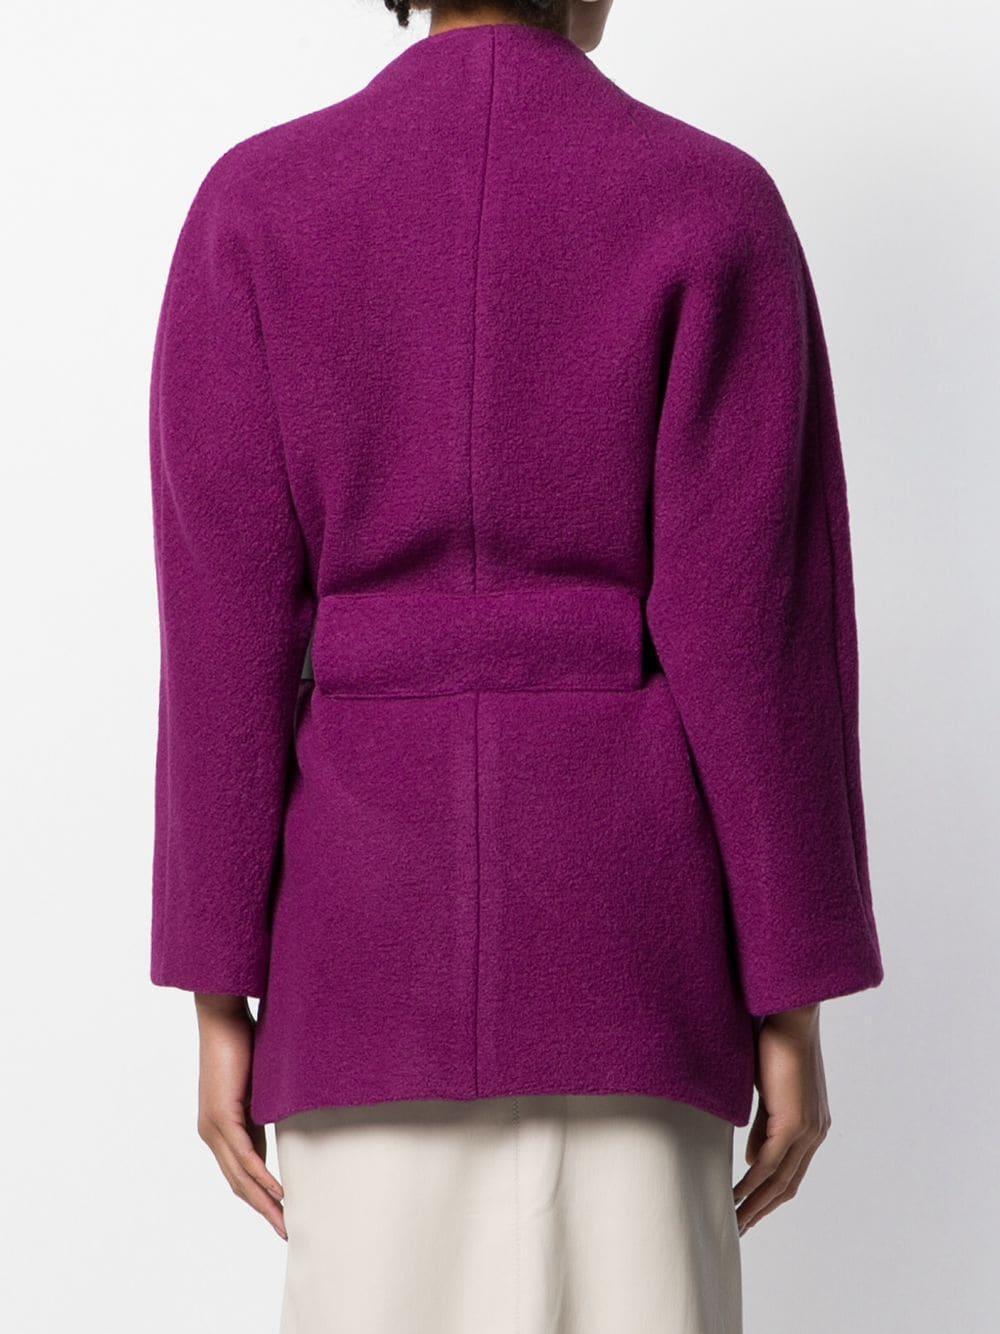 Manteau Cliff Cuir Ba&sh en coloris Violet wLzWD